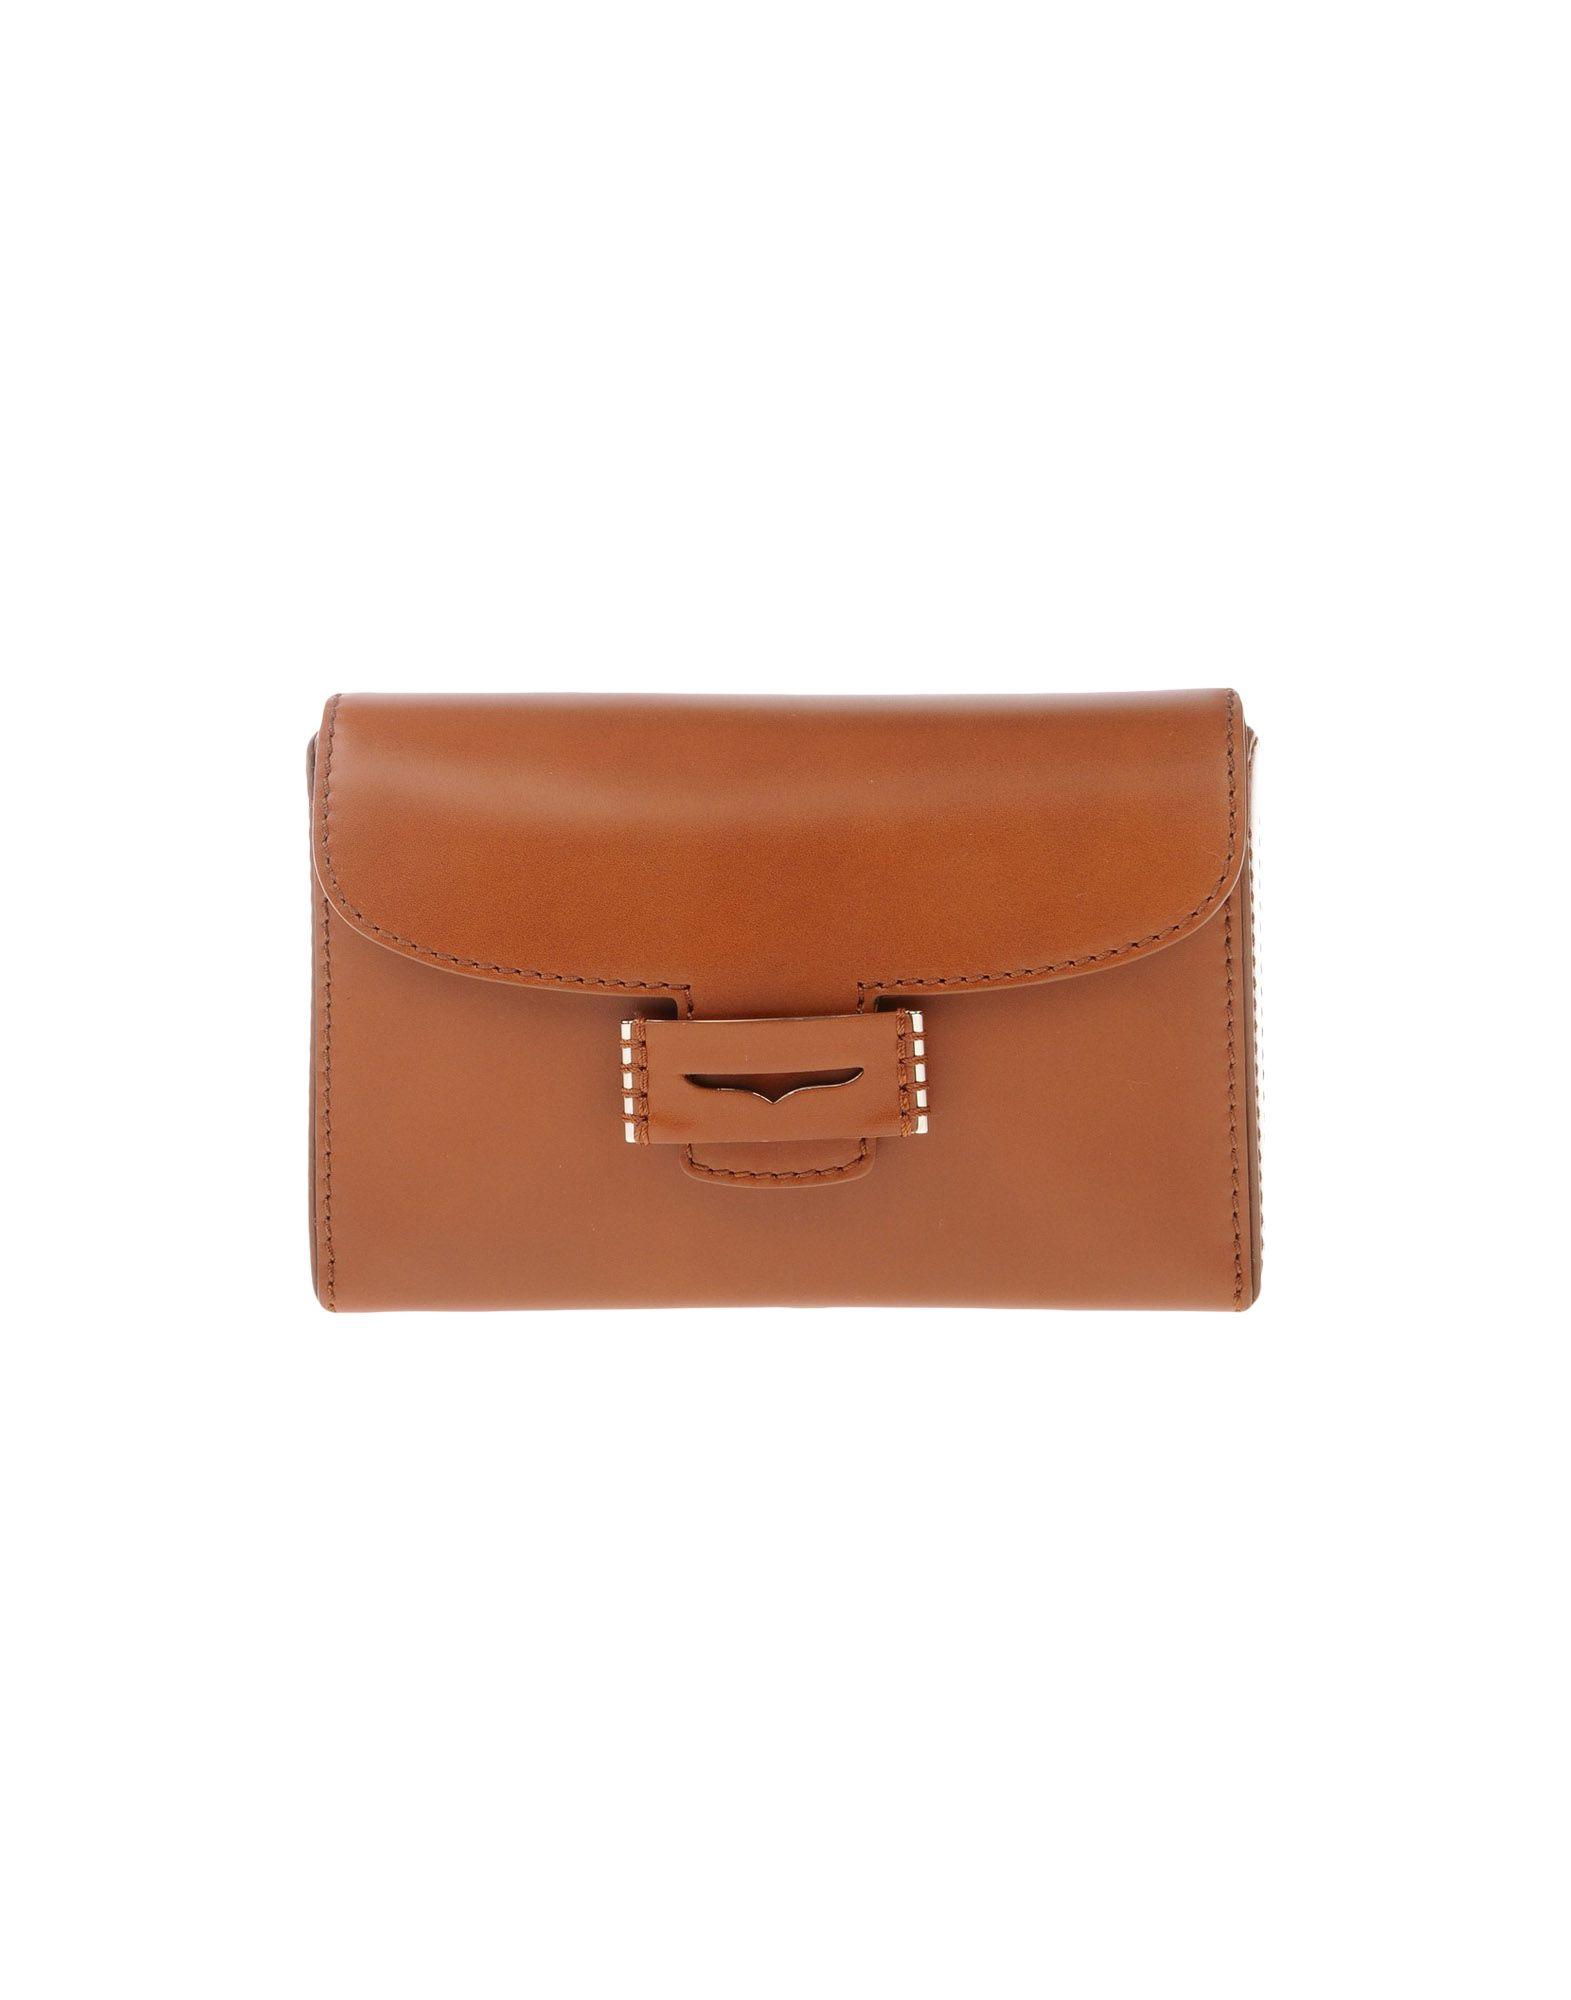 MYRIAM SCHAEFER Handbags in Brown